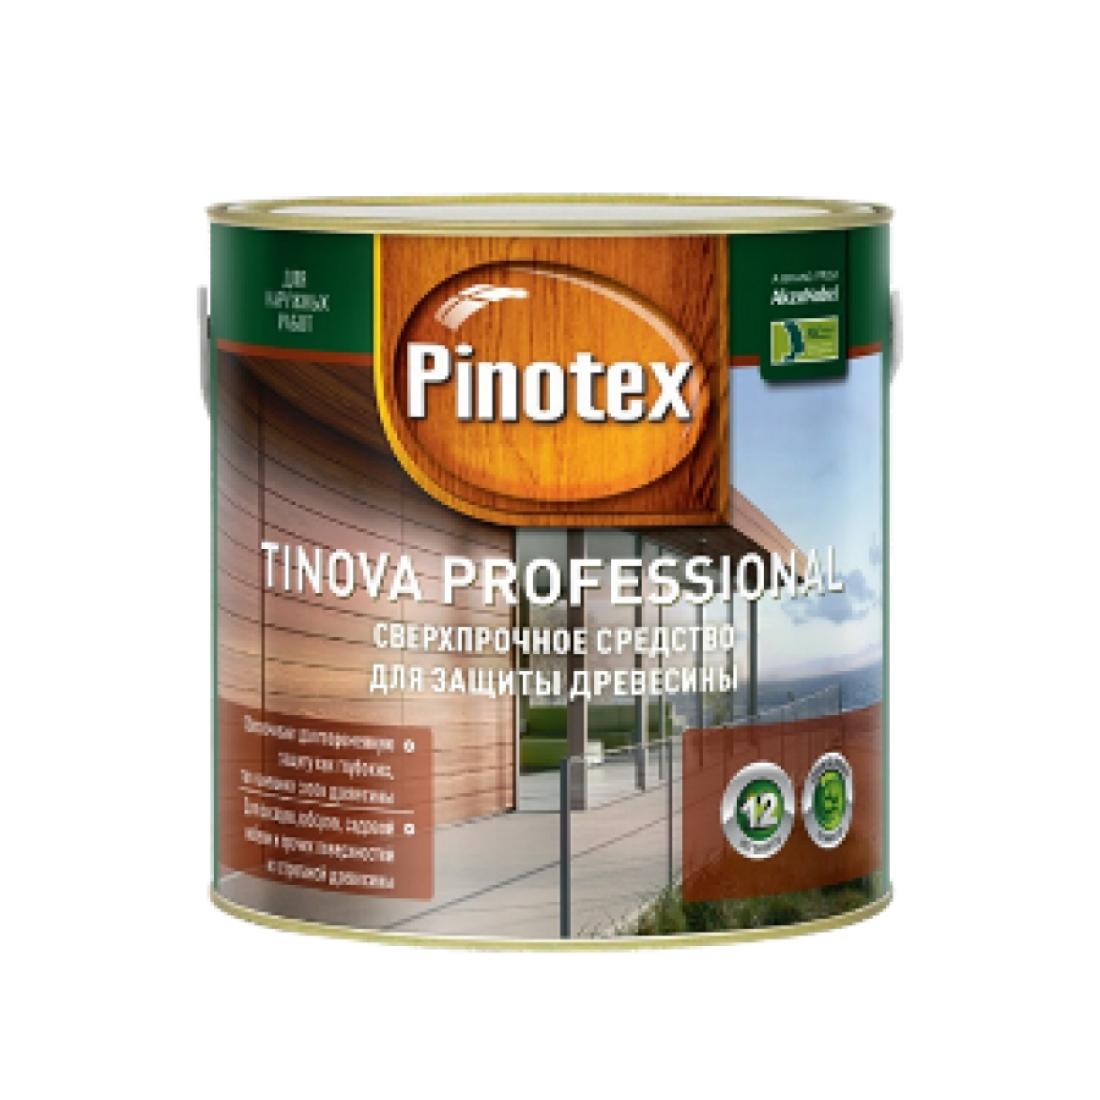 PINOTEX TINOVA антисептик профессиональный, цветной (2,5 л) Махагон